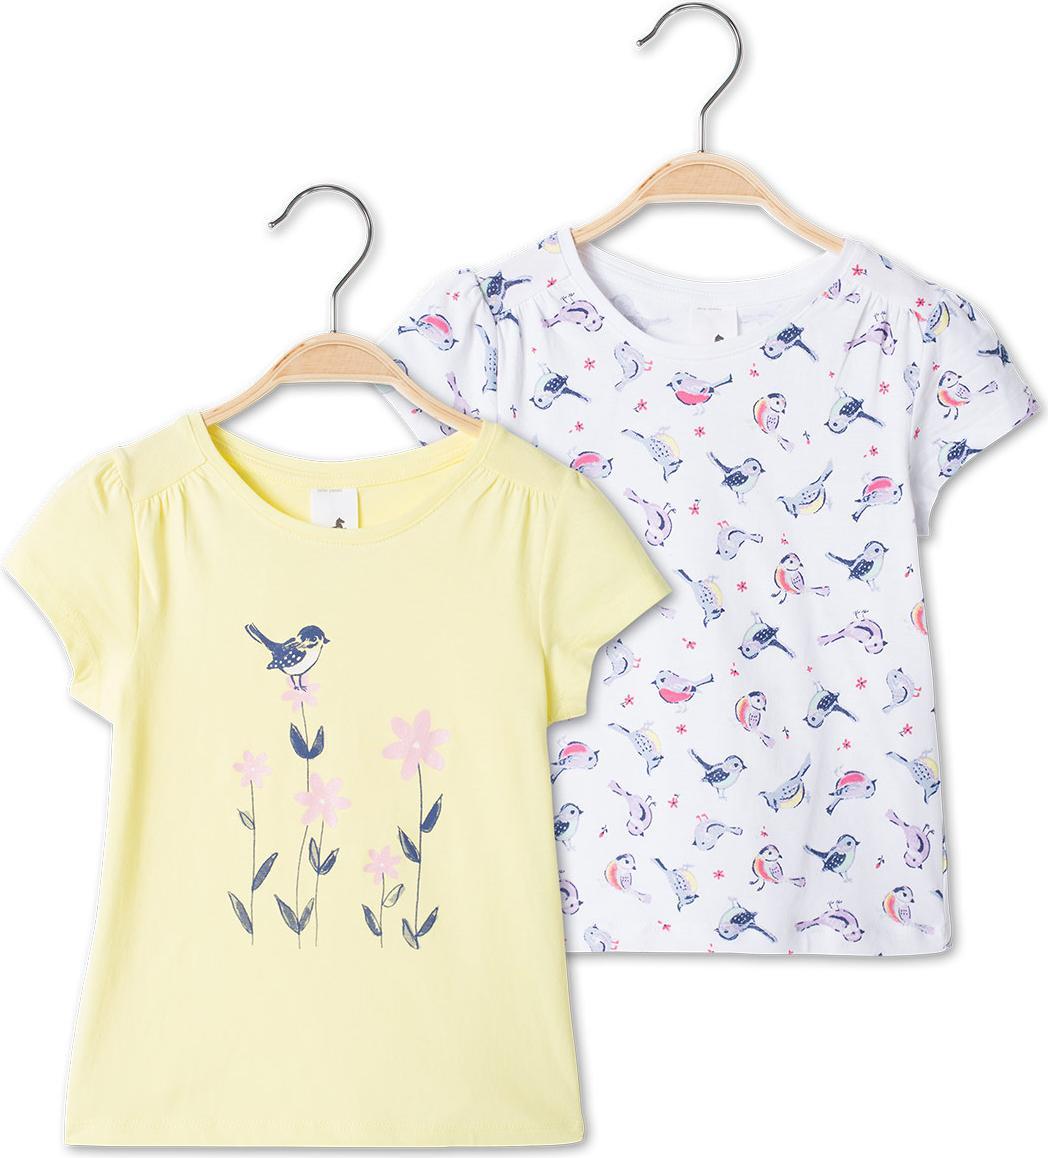 Отзыв на 2 футболки с Био-Хлопок из Интернет-Магазина C&A